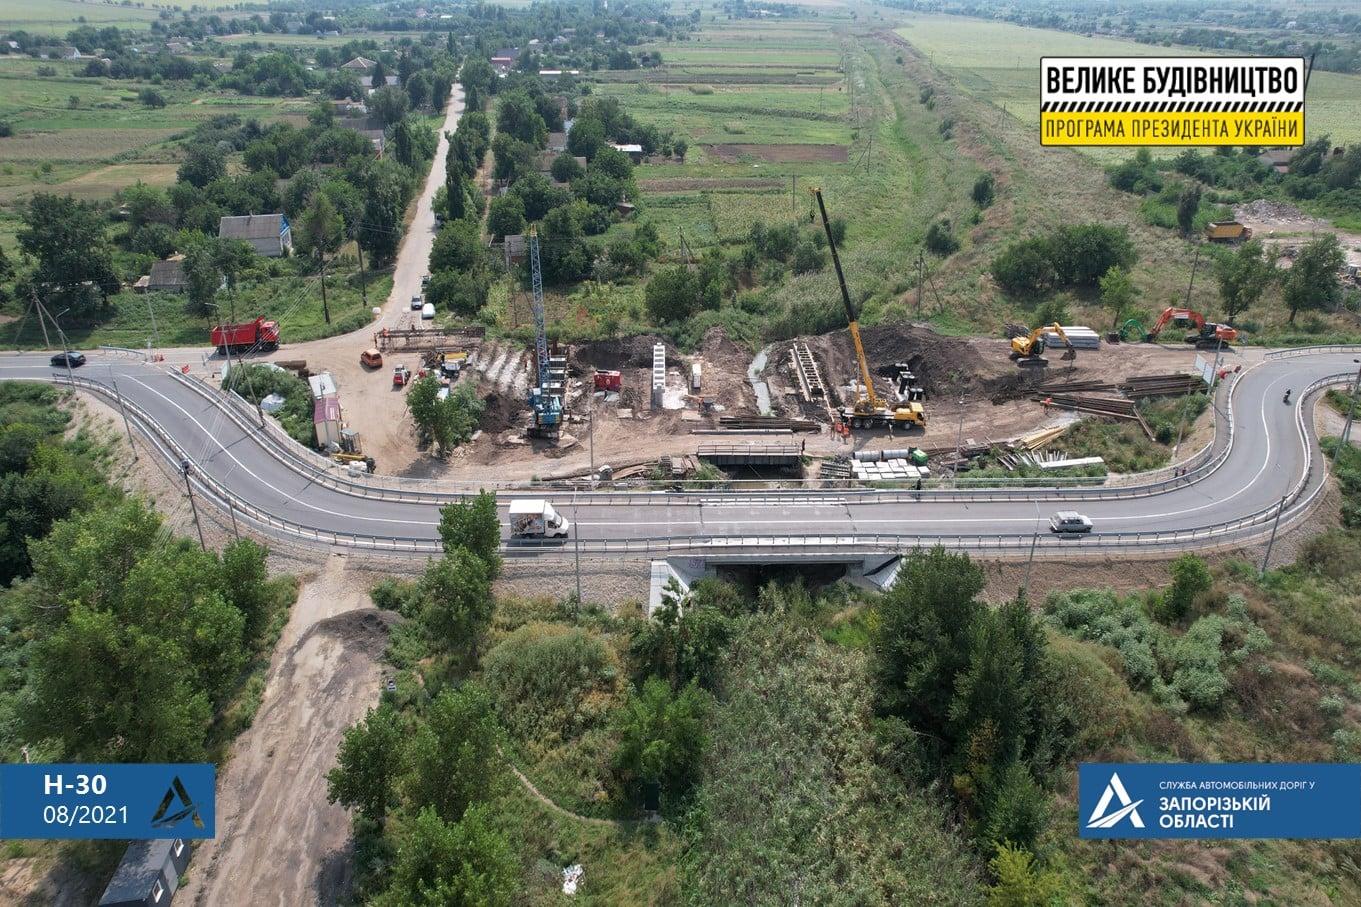 Об'їзний тимчасовий міст на р.Кільтичія на час реконструкції аварійного мосту